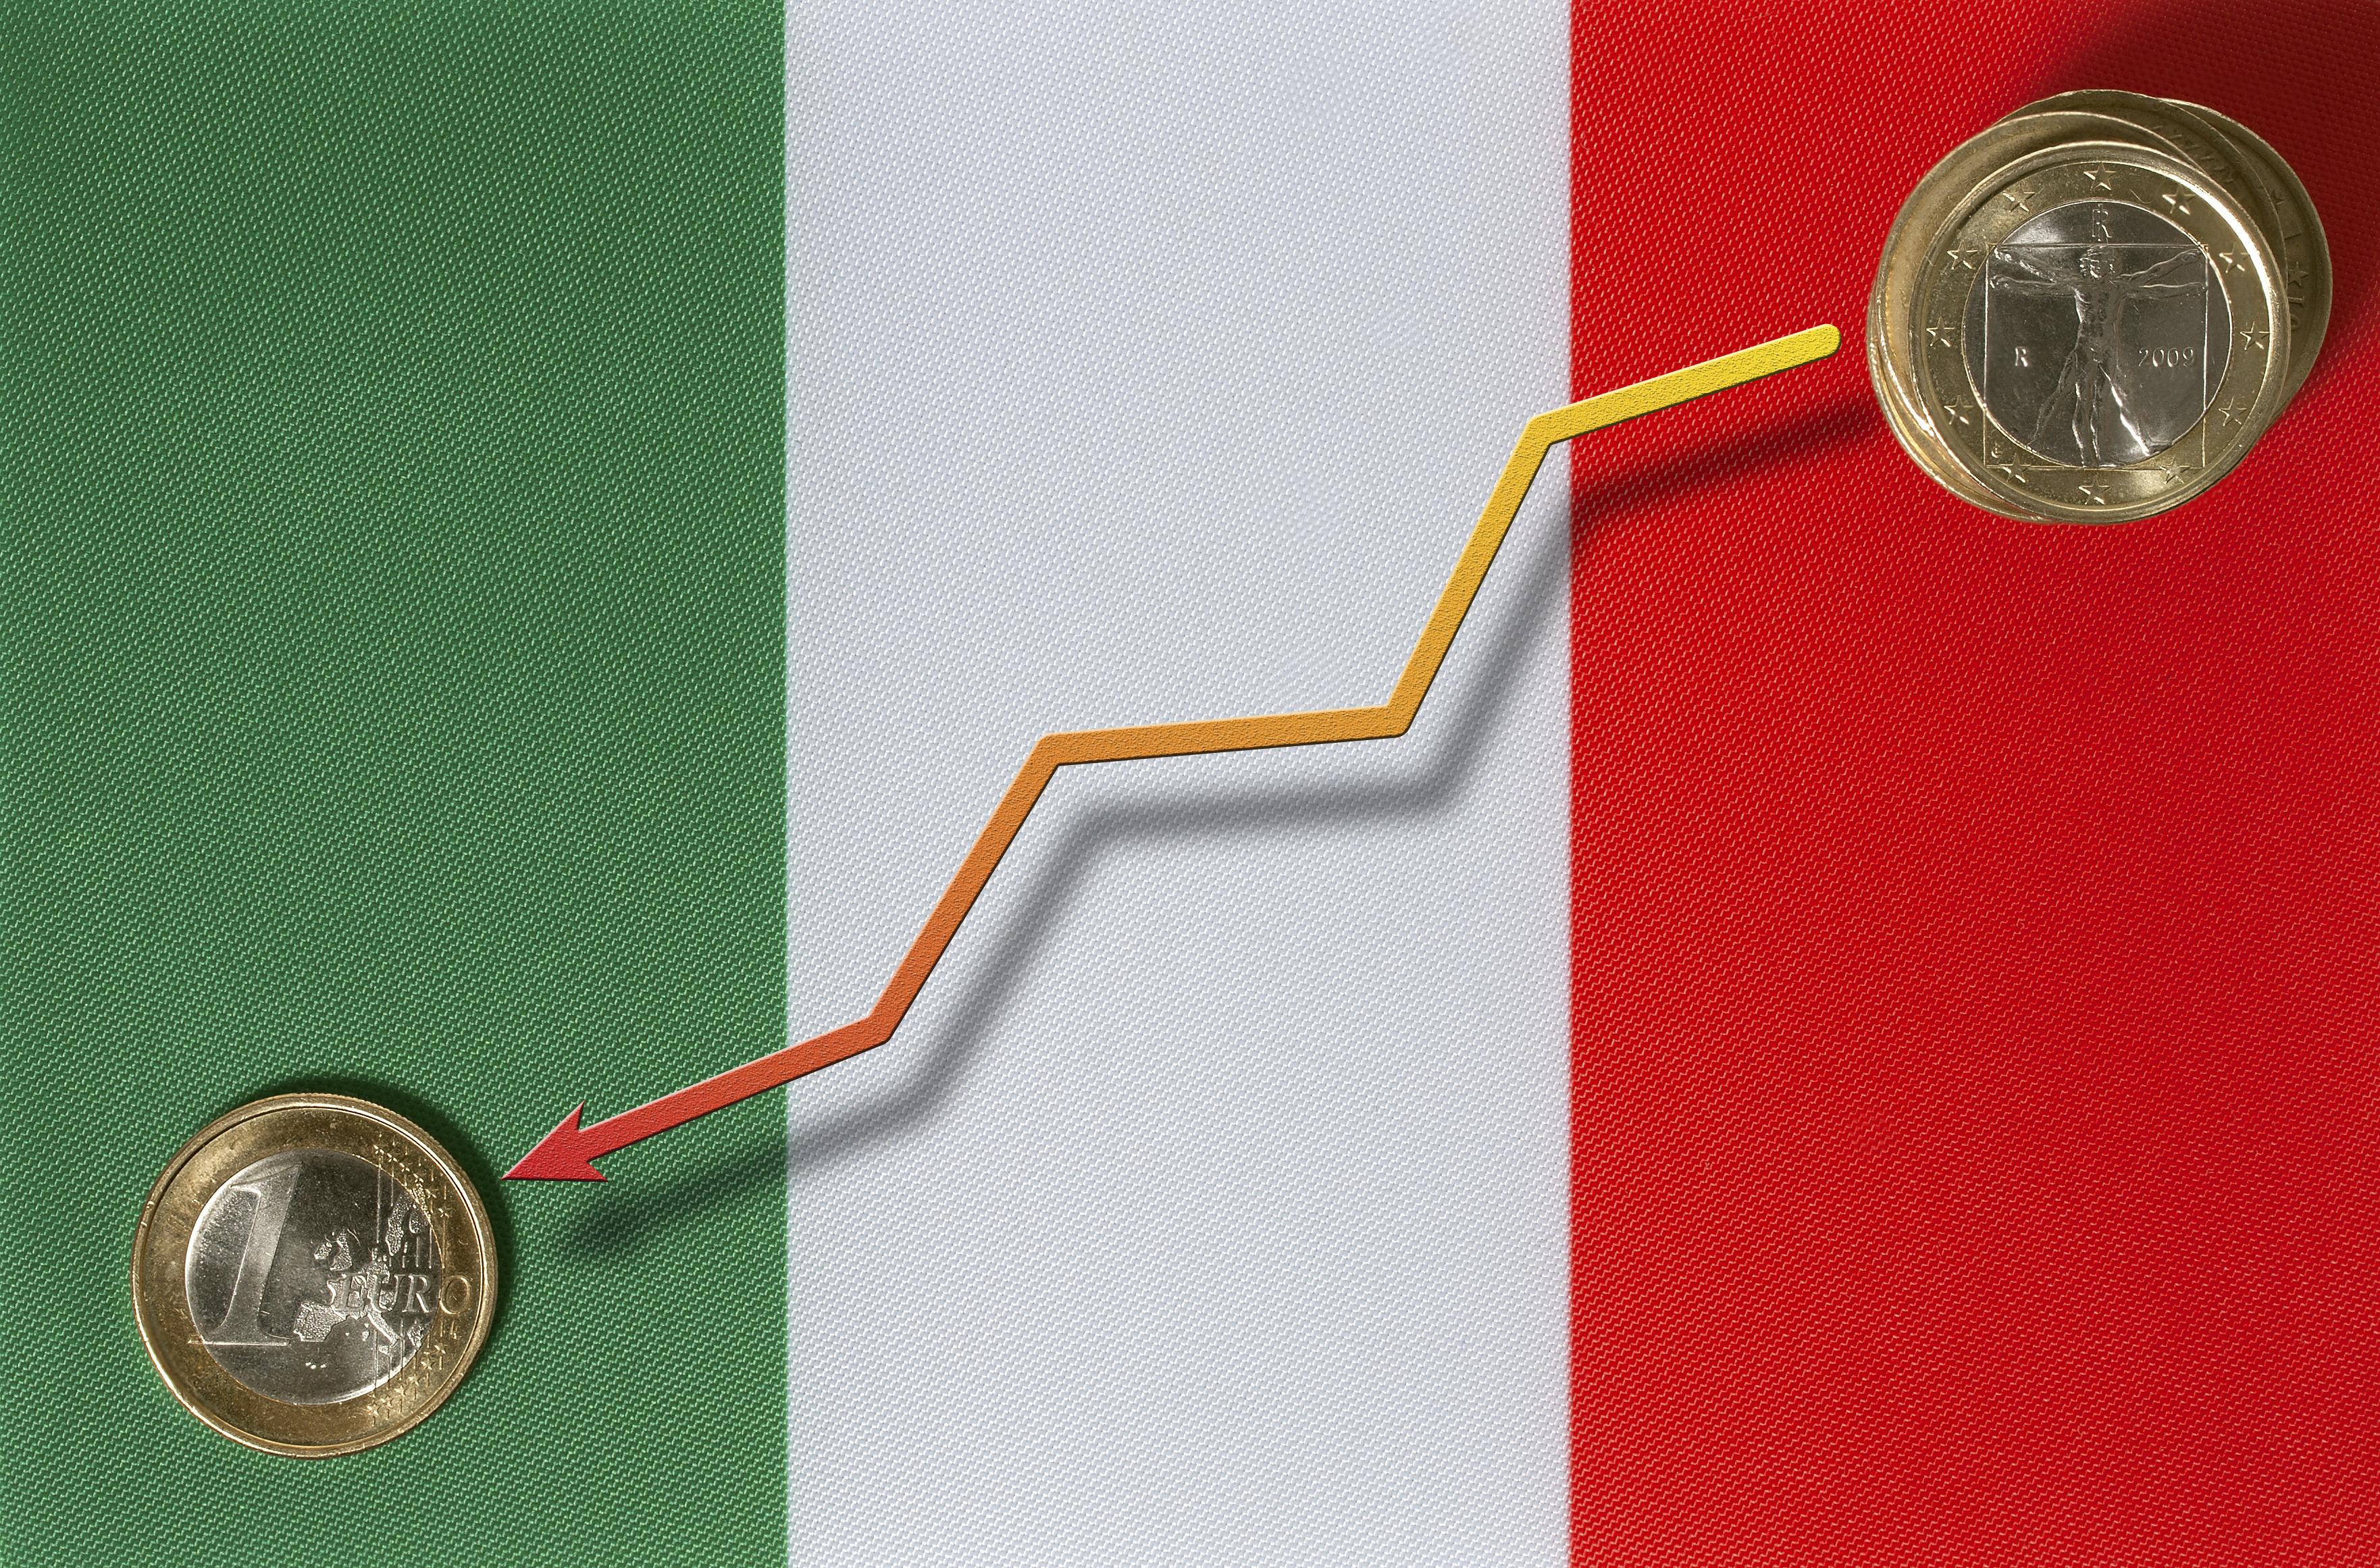 Rim očekuje kaznu od tri milijarde evra zbog italijanskog duga